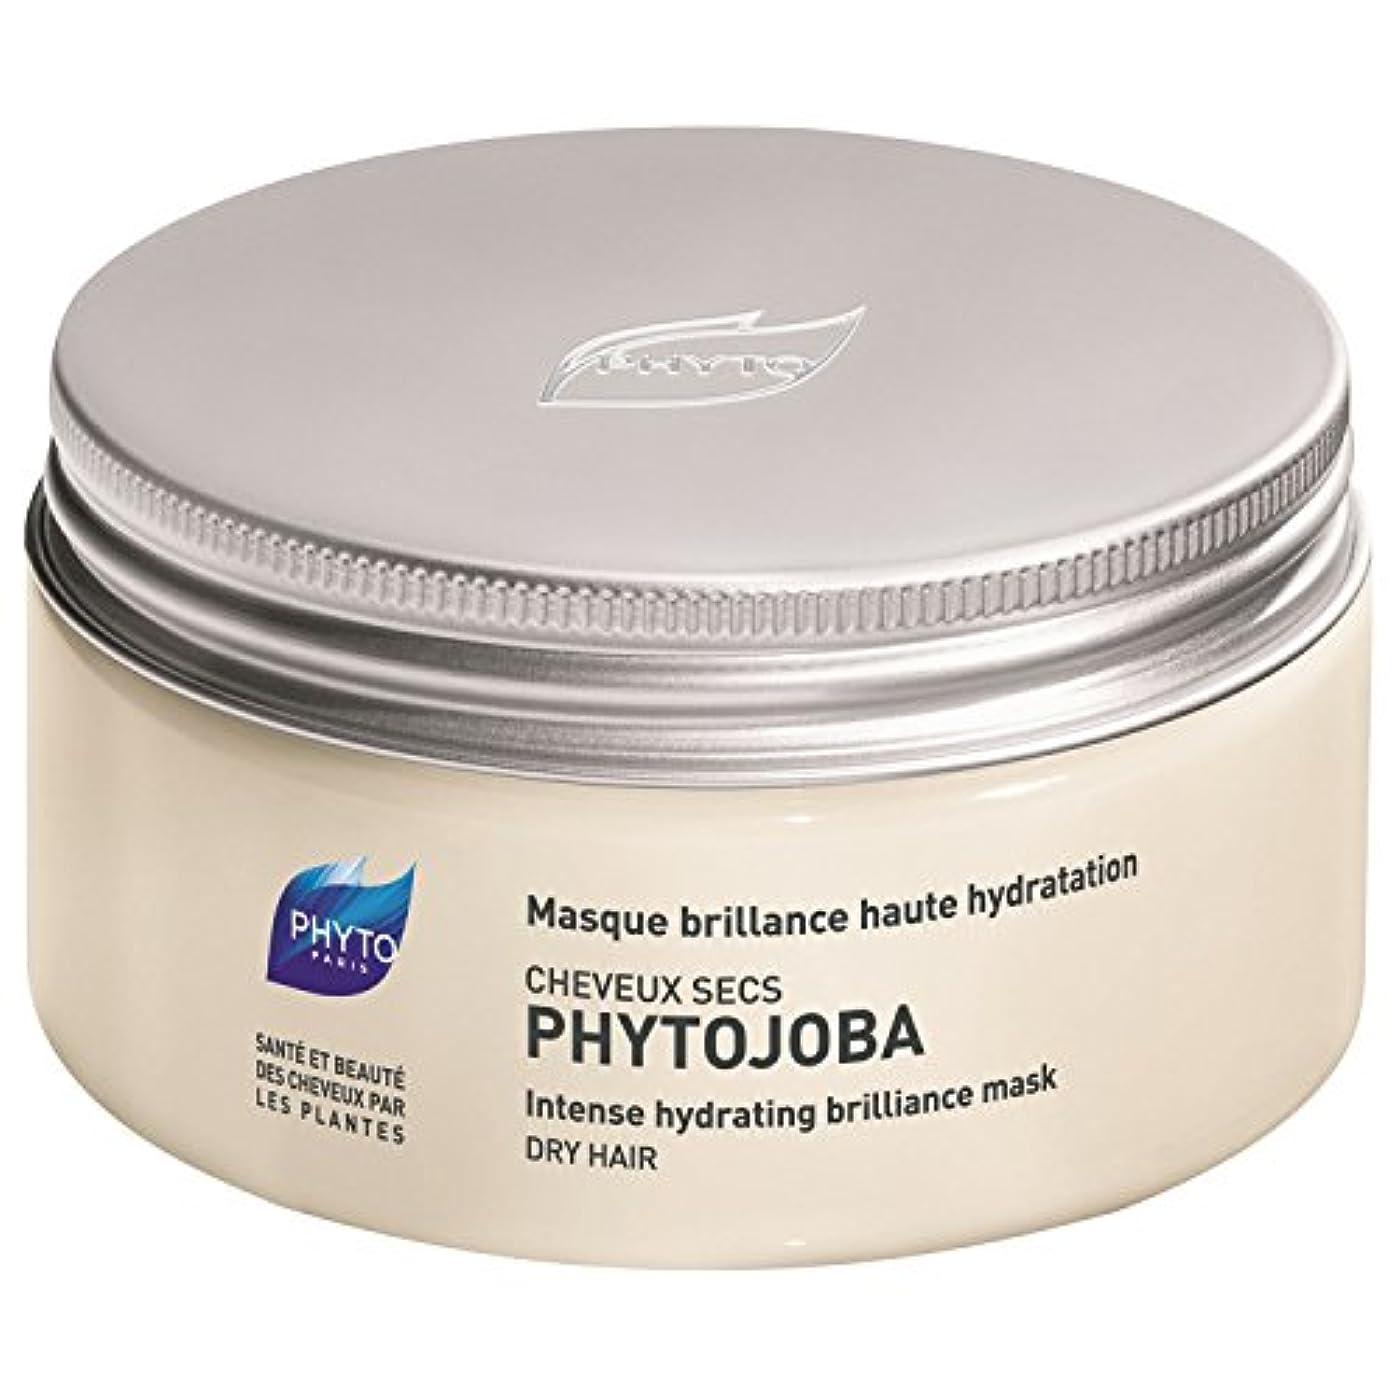 サスペンドアセタッチフィトPhytojoba強烈な水分補給マスク200ミリリットル (Phyto) (x2) - Phyto Phytojoba Intense Hydrating Mask 200ml (Pack of 2) [並行輸入品]